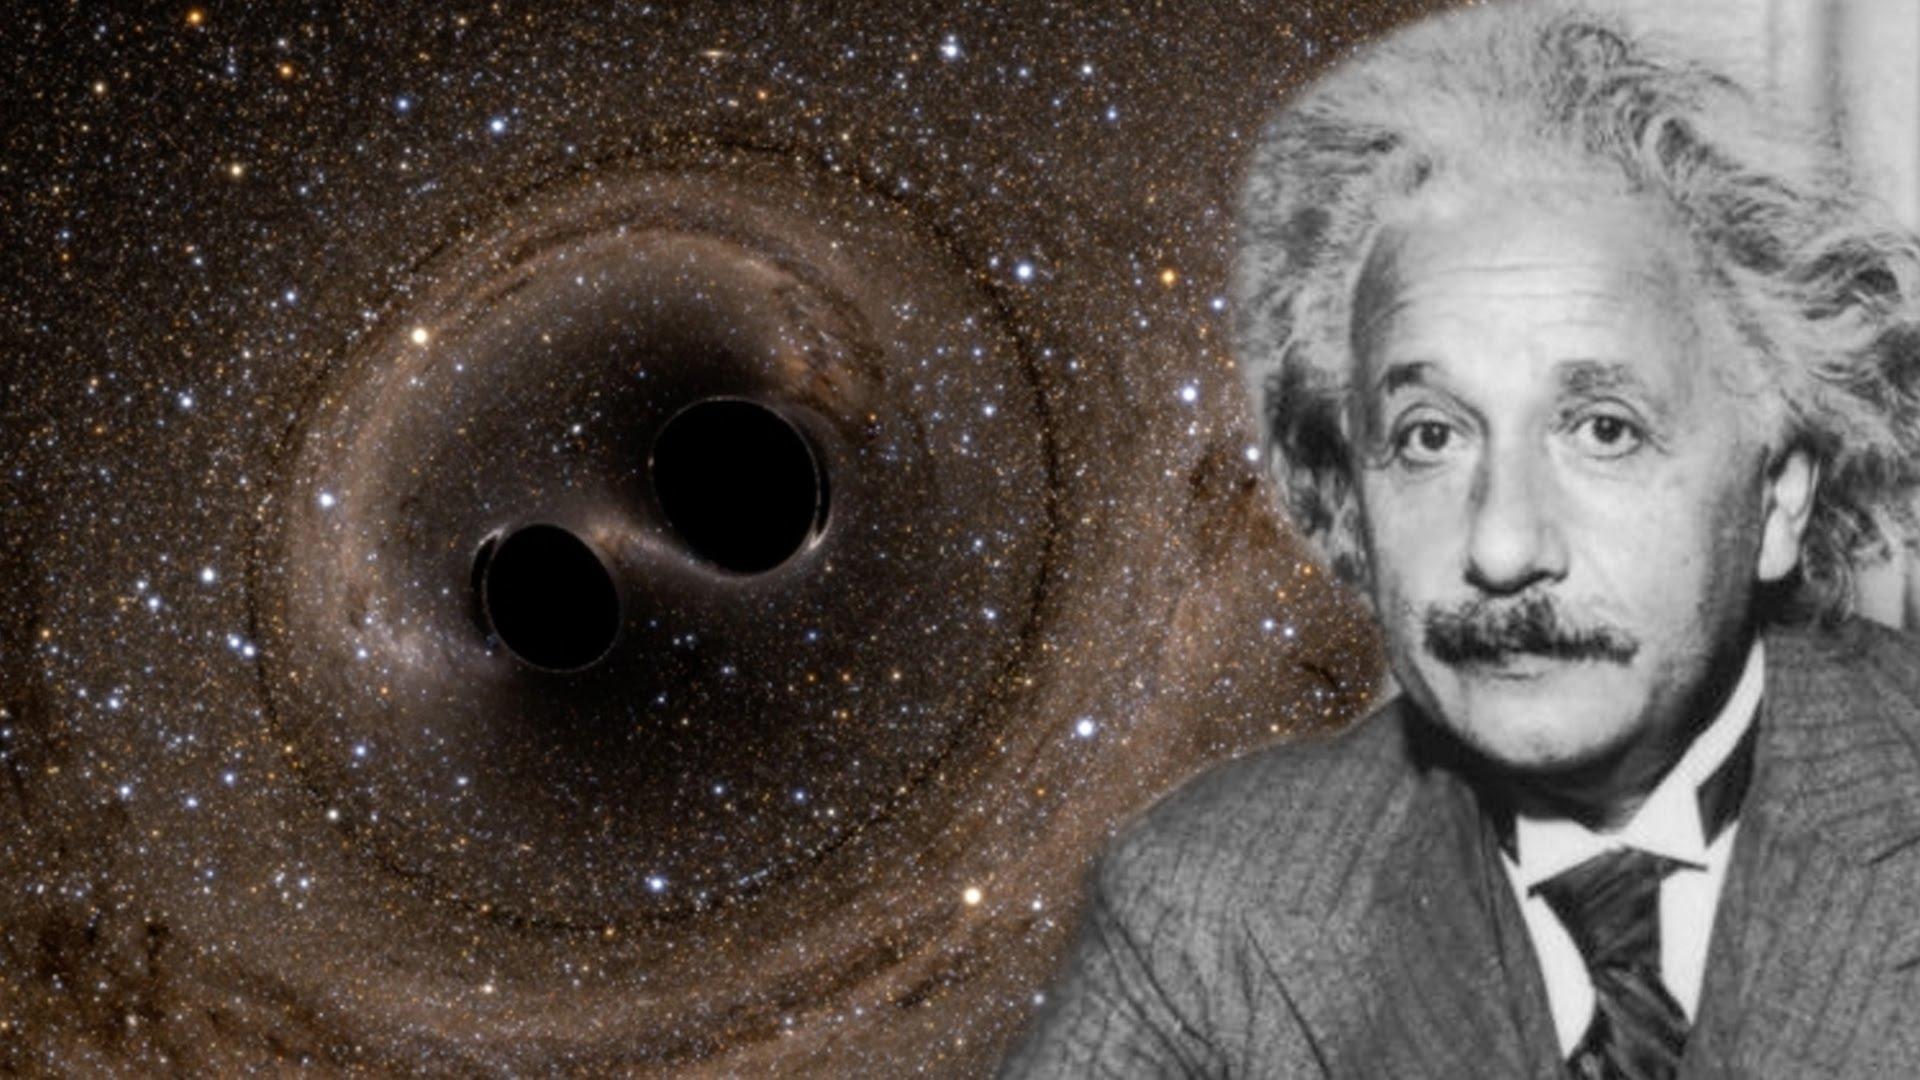 Nobel Vật Lý 2017: Hành trình đi tìm sóng hấp dẫn và phát hiện chấn động khoa học thế giới - Ảnh 2.